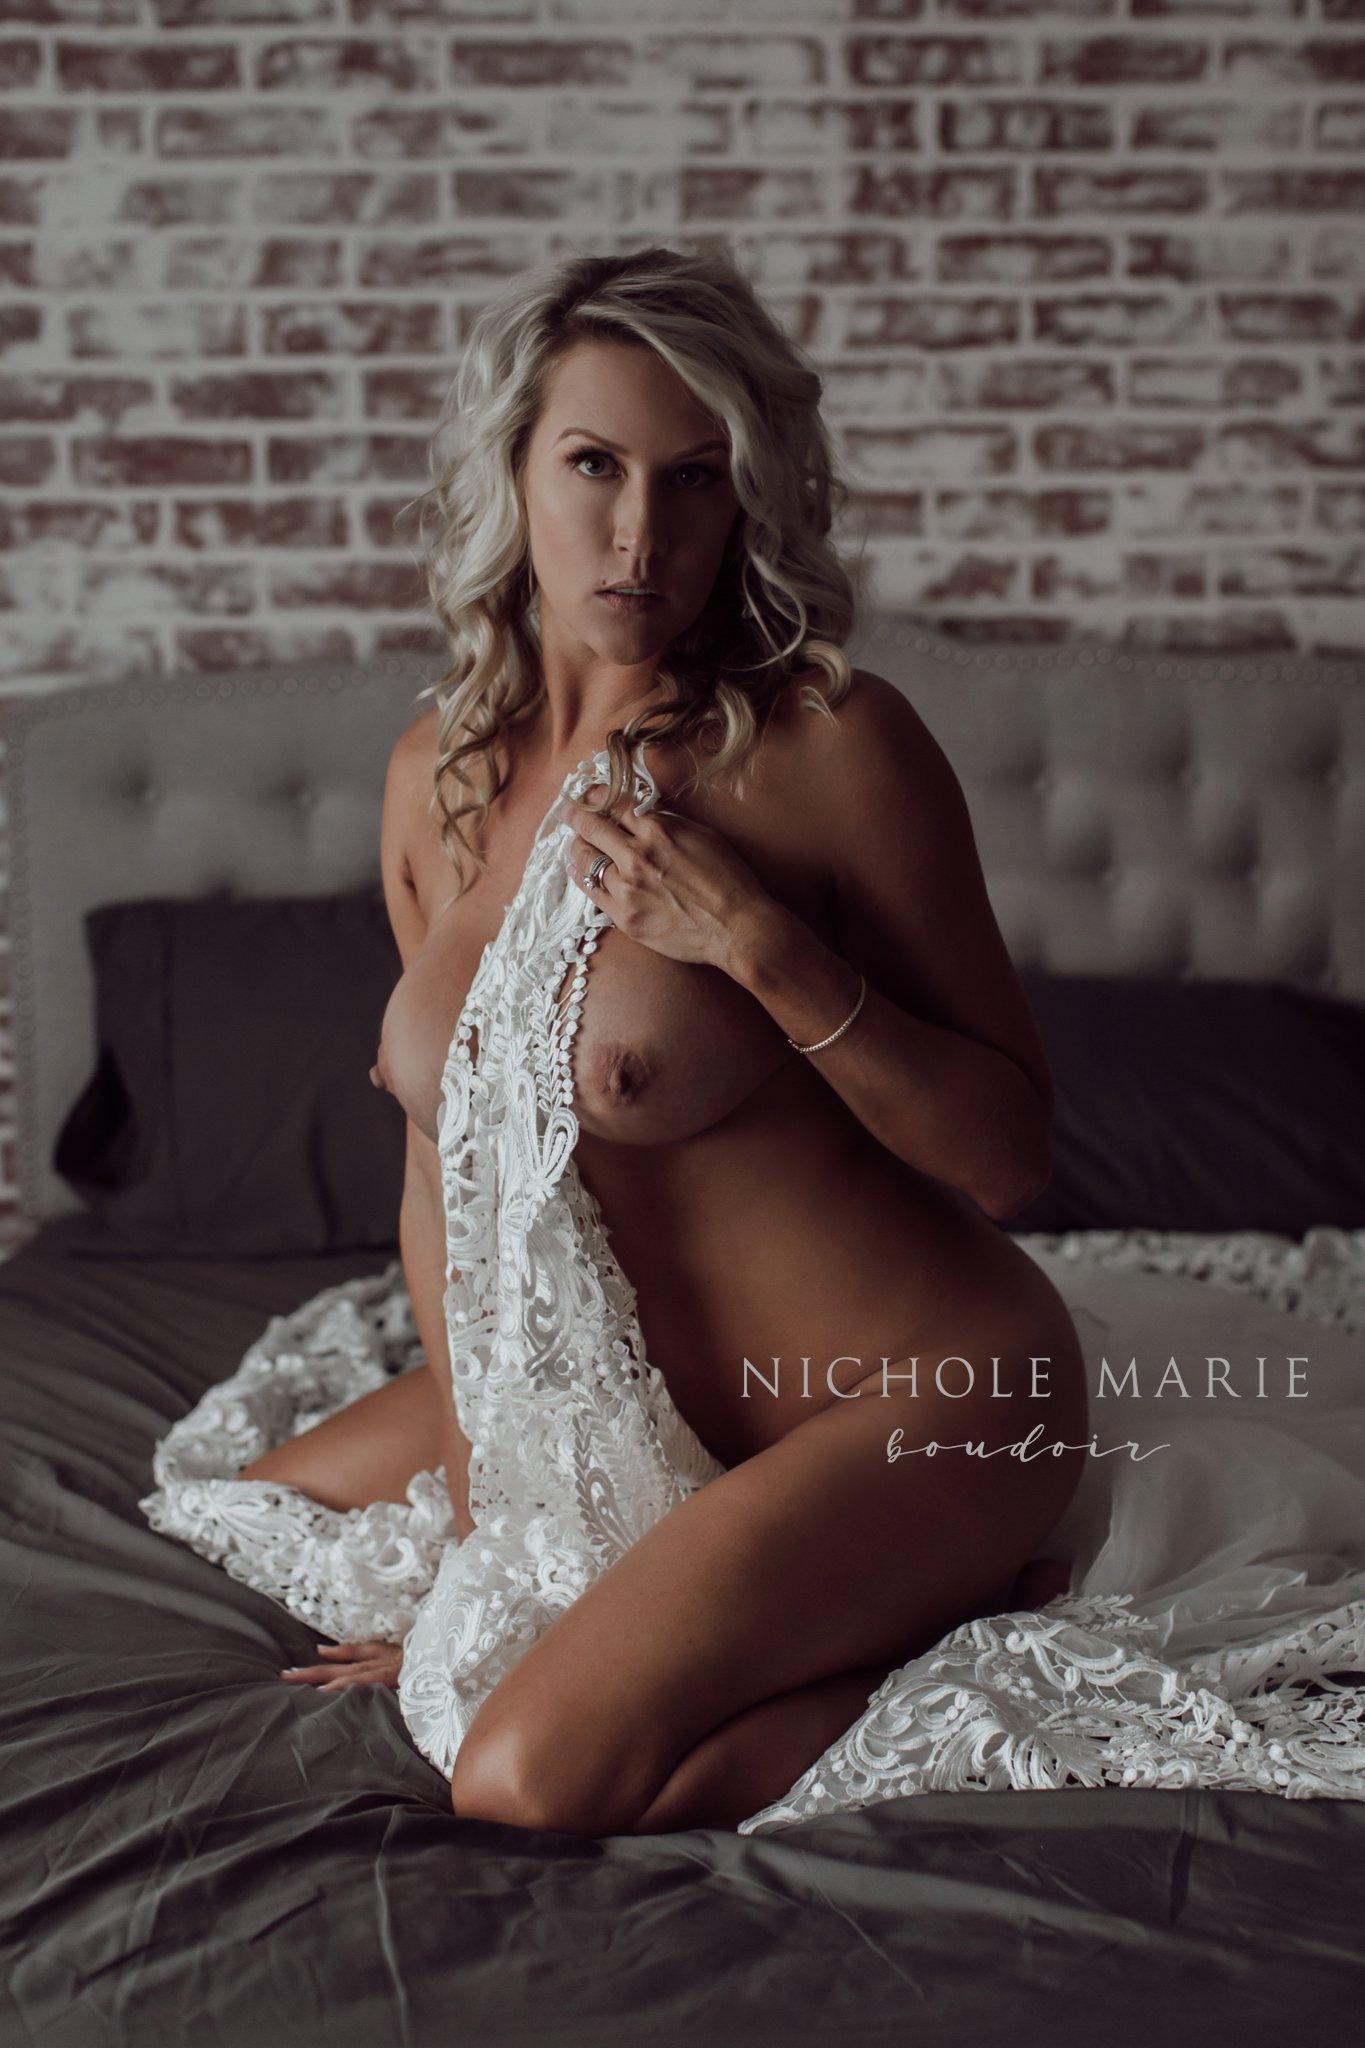 SEBASTIAN FLORIDA BOUDOIR PHOTOGRAPHER | NICHOLE MARIE BOUDOIR_0302.jpg